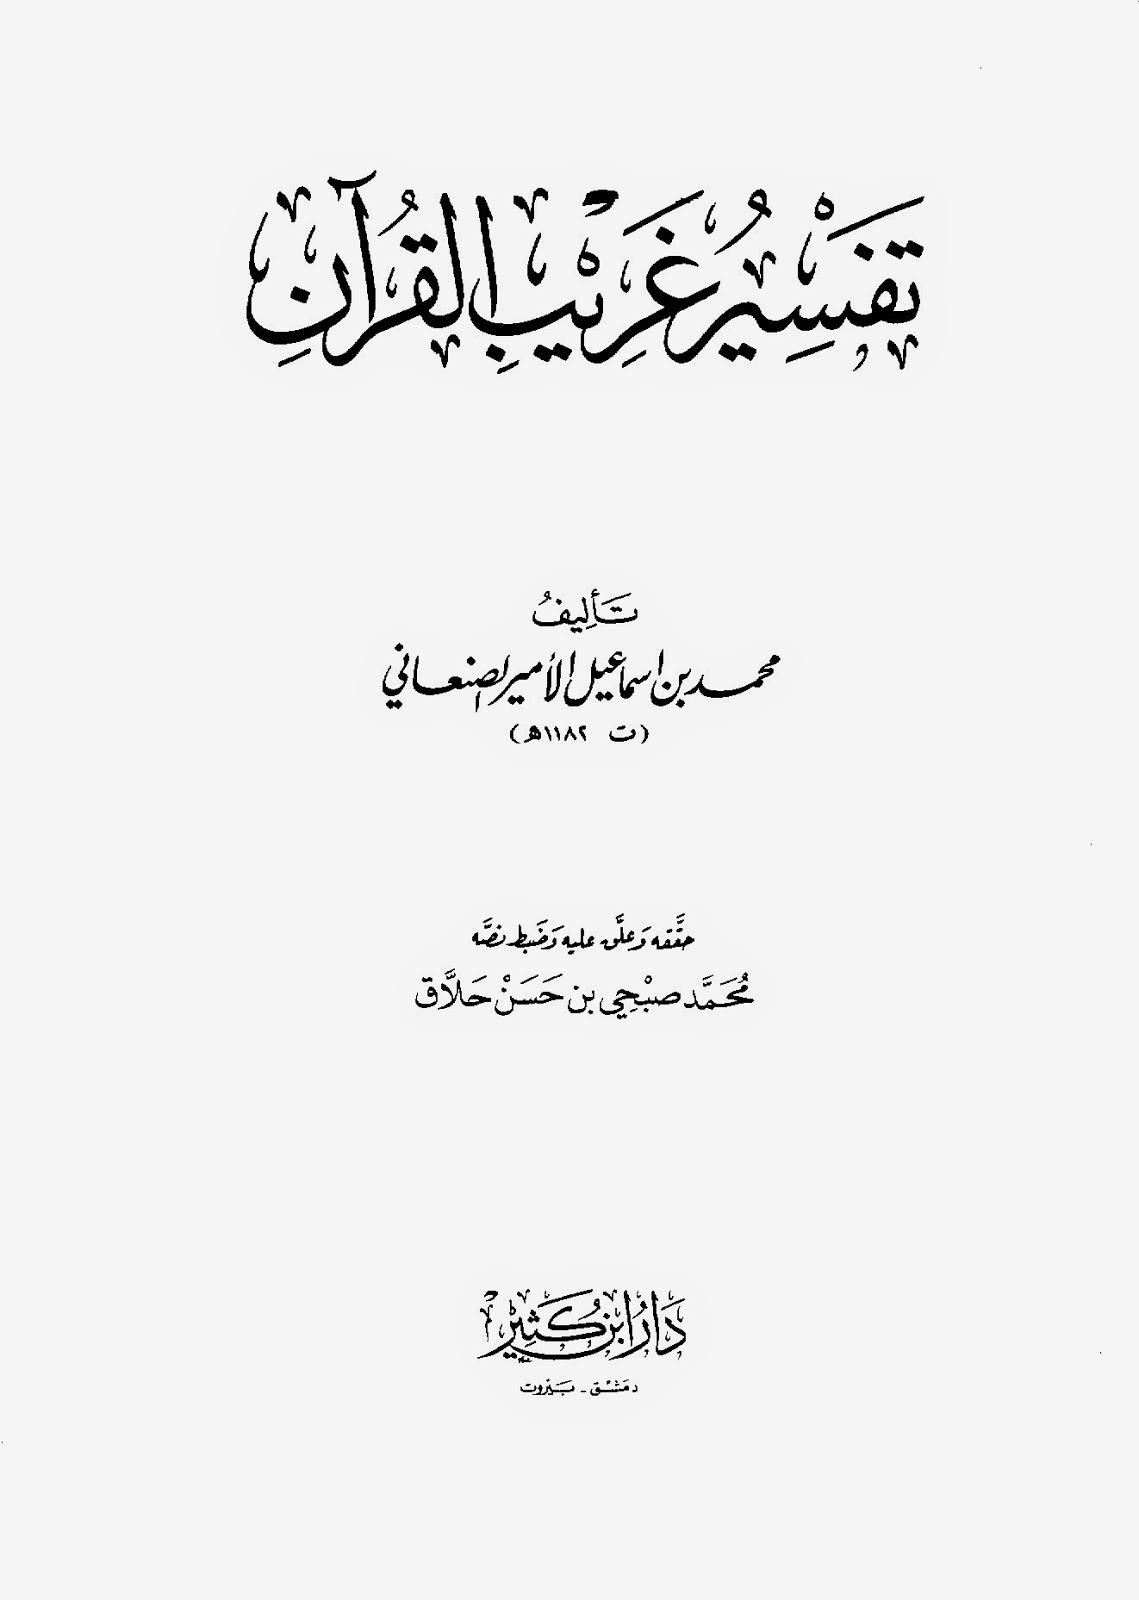 تفسير غريب القرآن لـ محمد بن اسماعيل الصنعاني